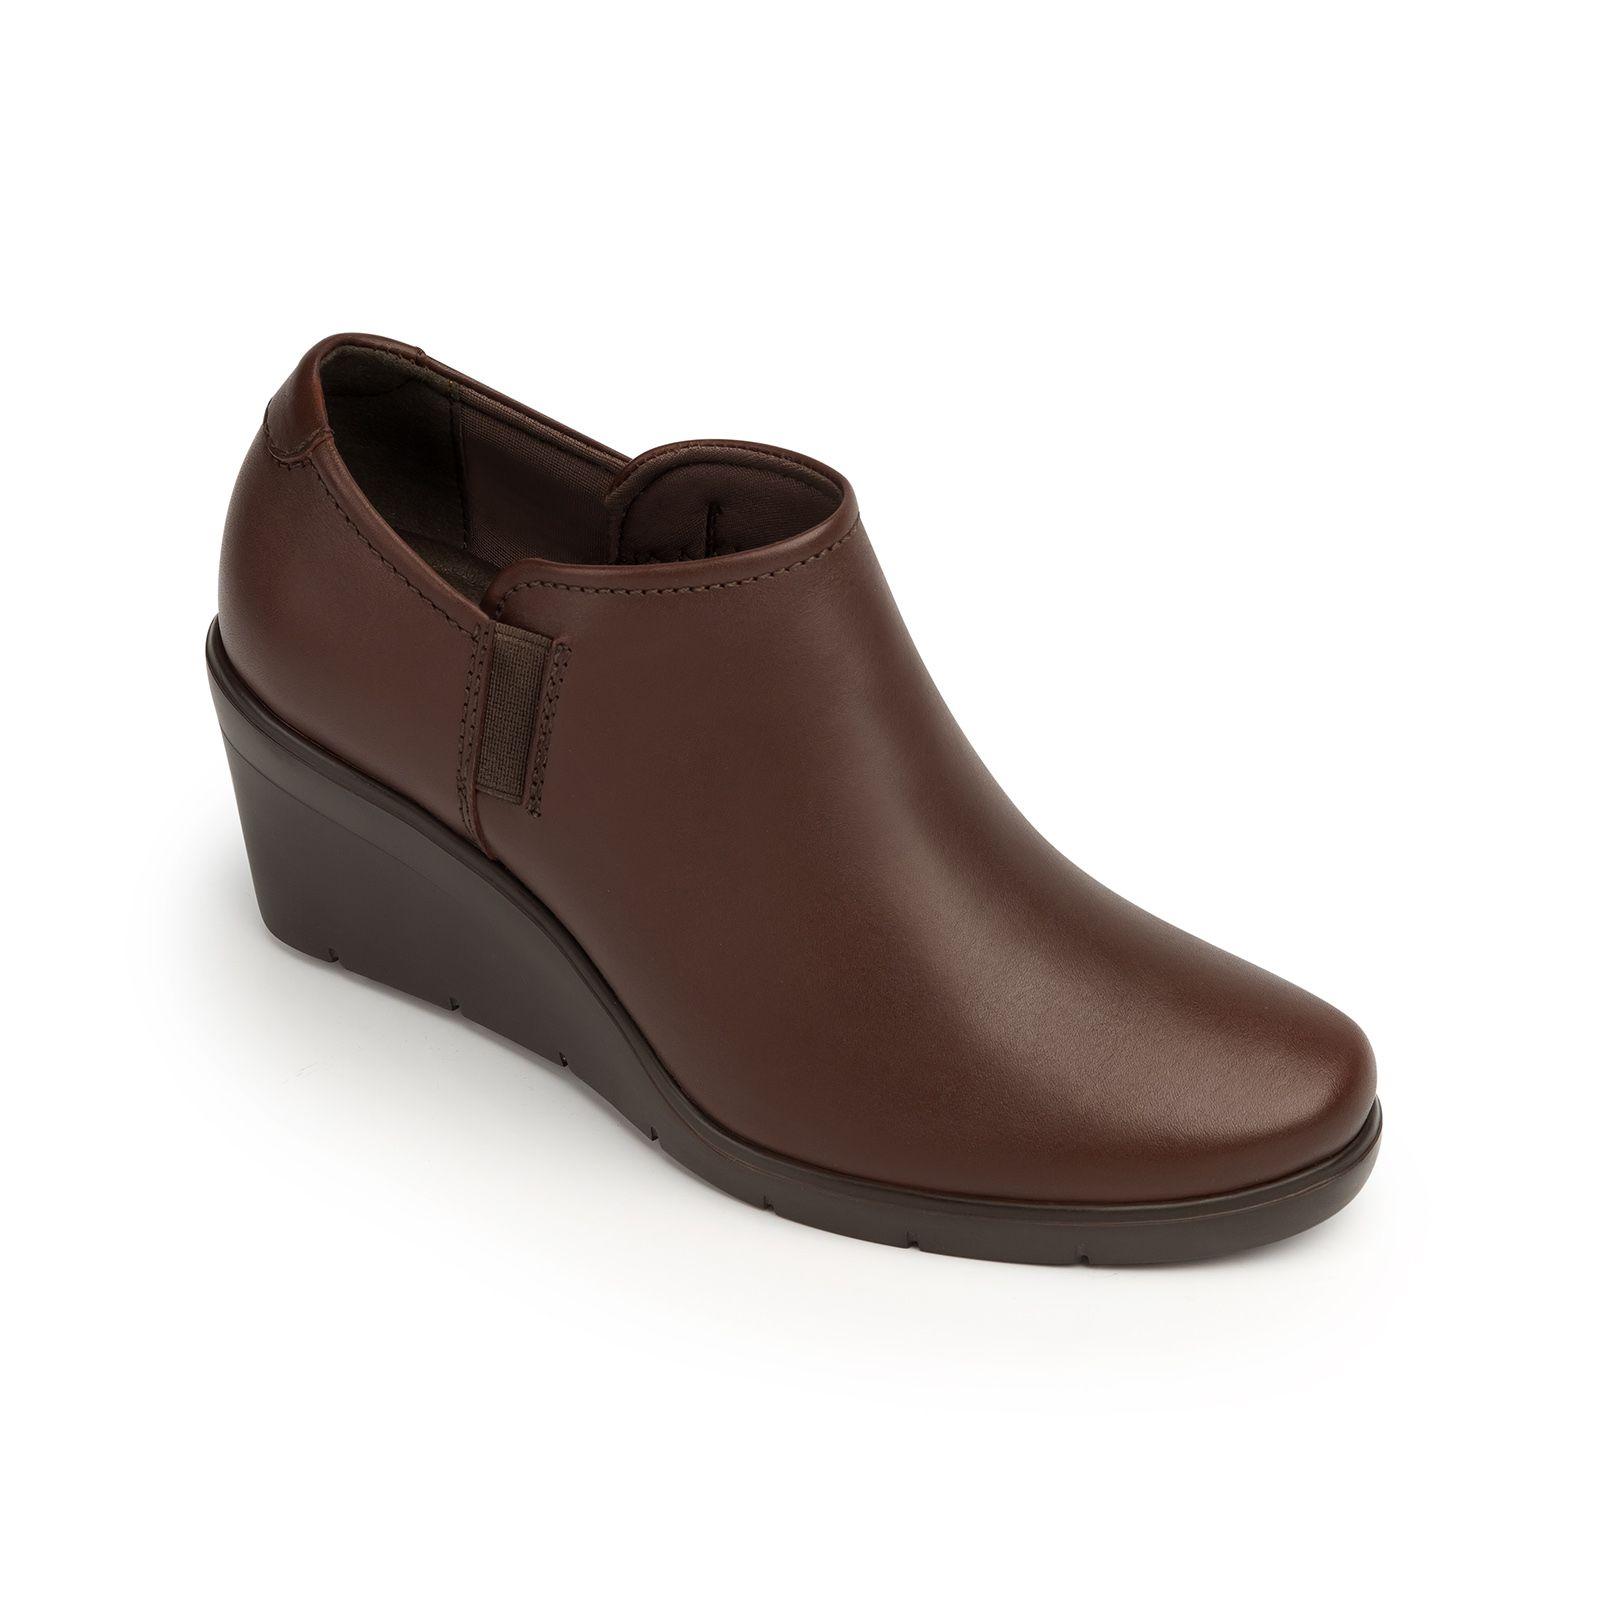 Nueva línea de zapato casual-formal con suela Extraligera de cuña y  detalles dentados. Presentada en pump 0bdf39802e7f